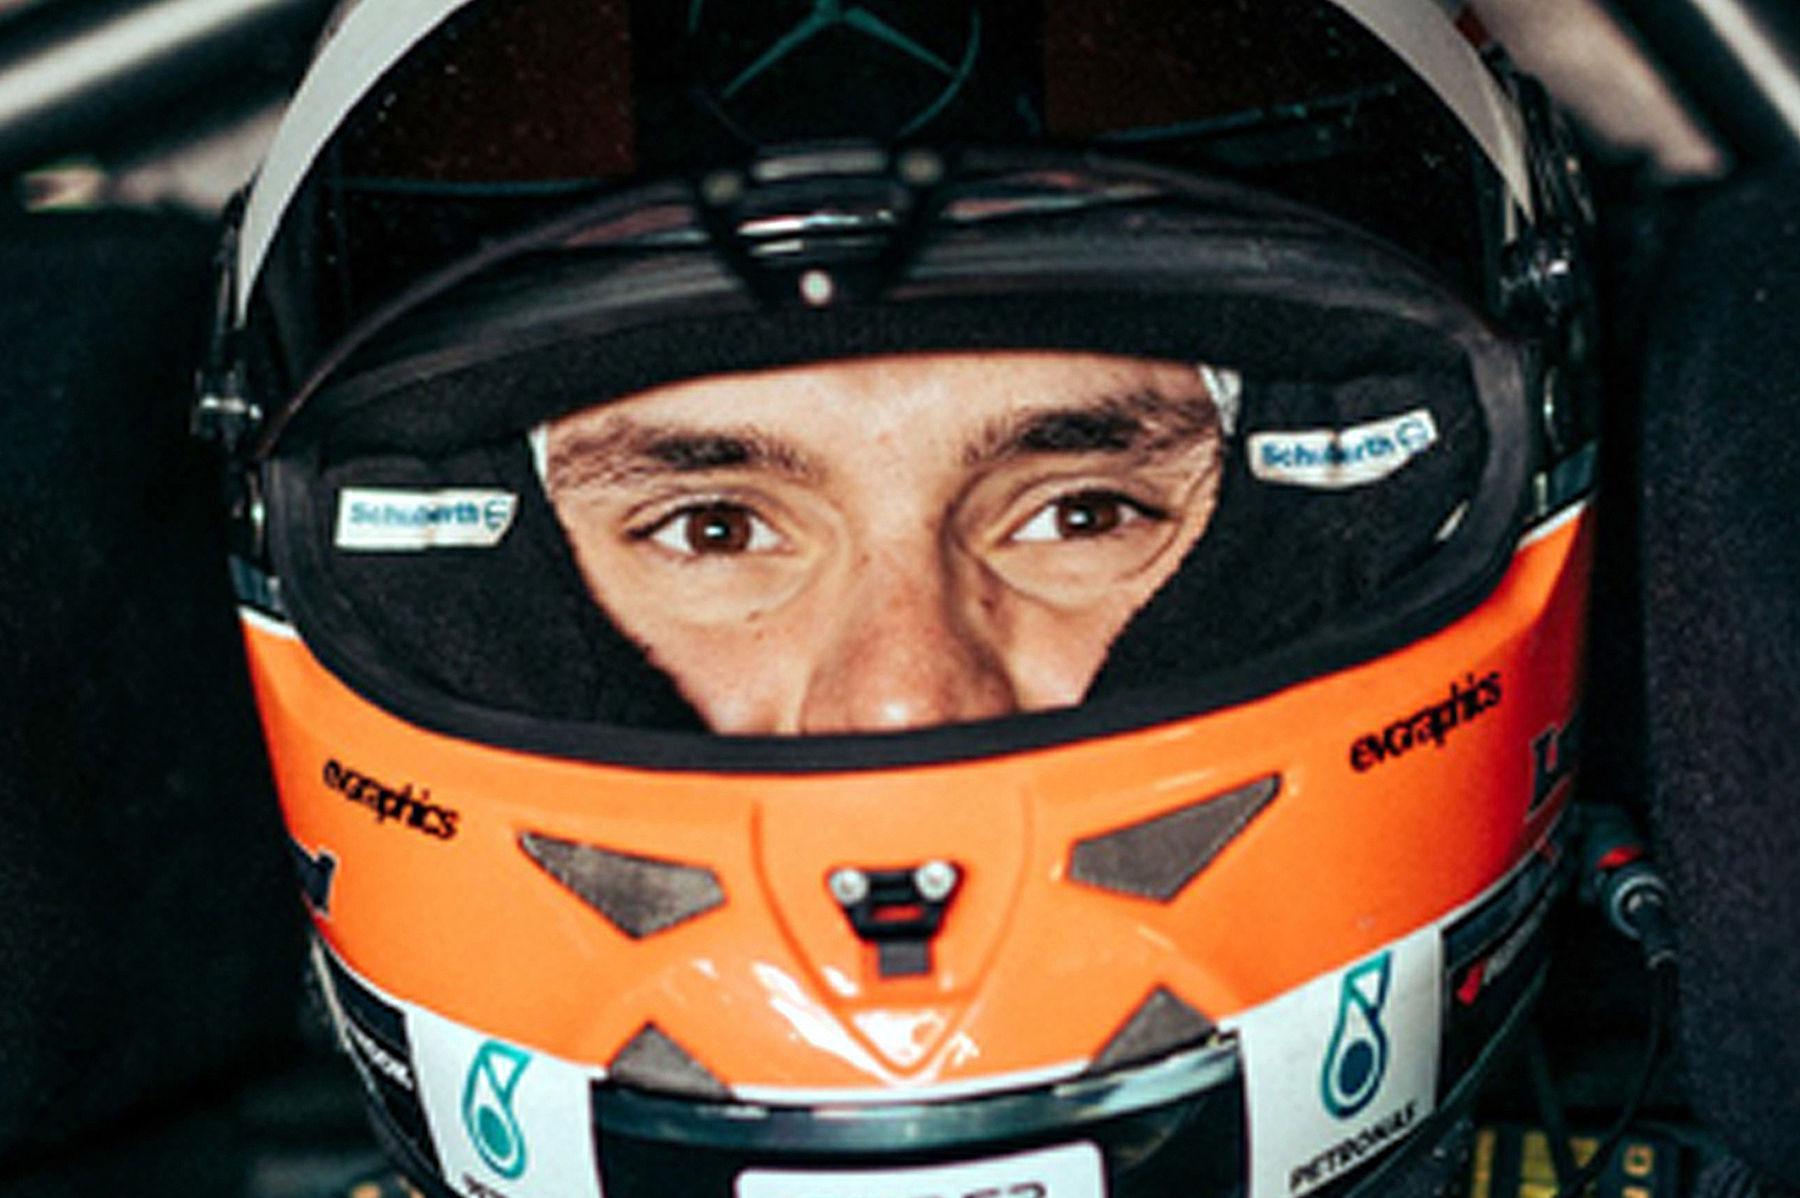 Motorsportler